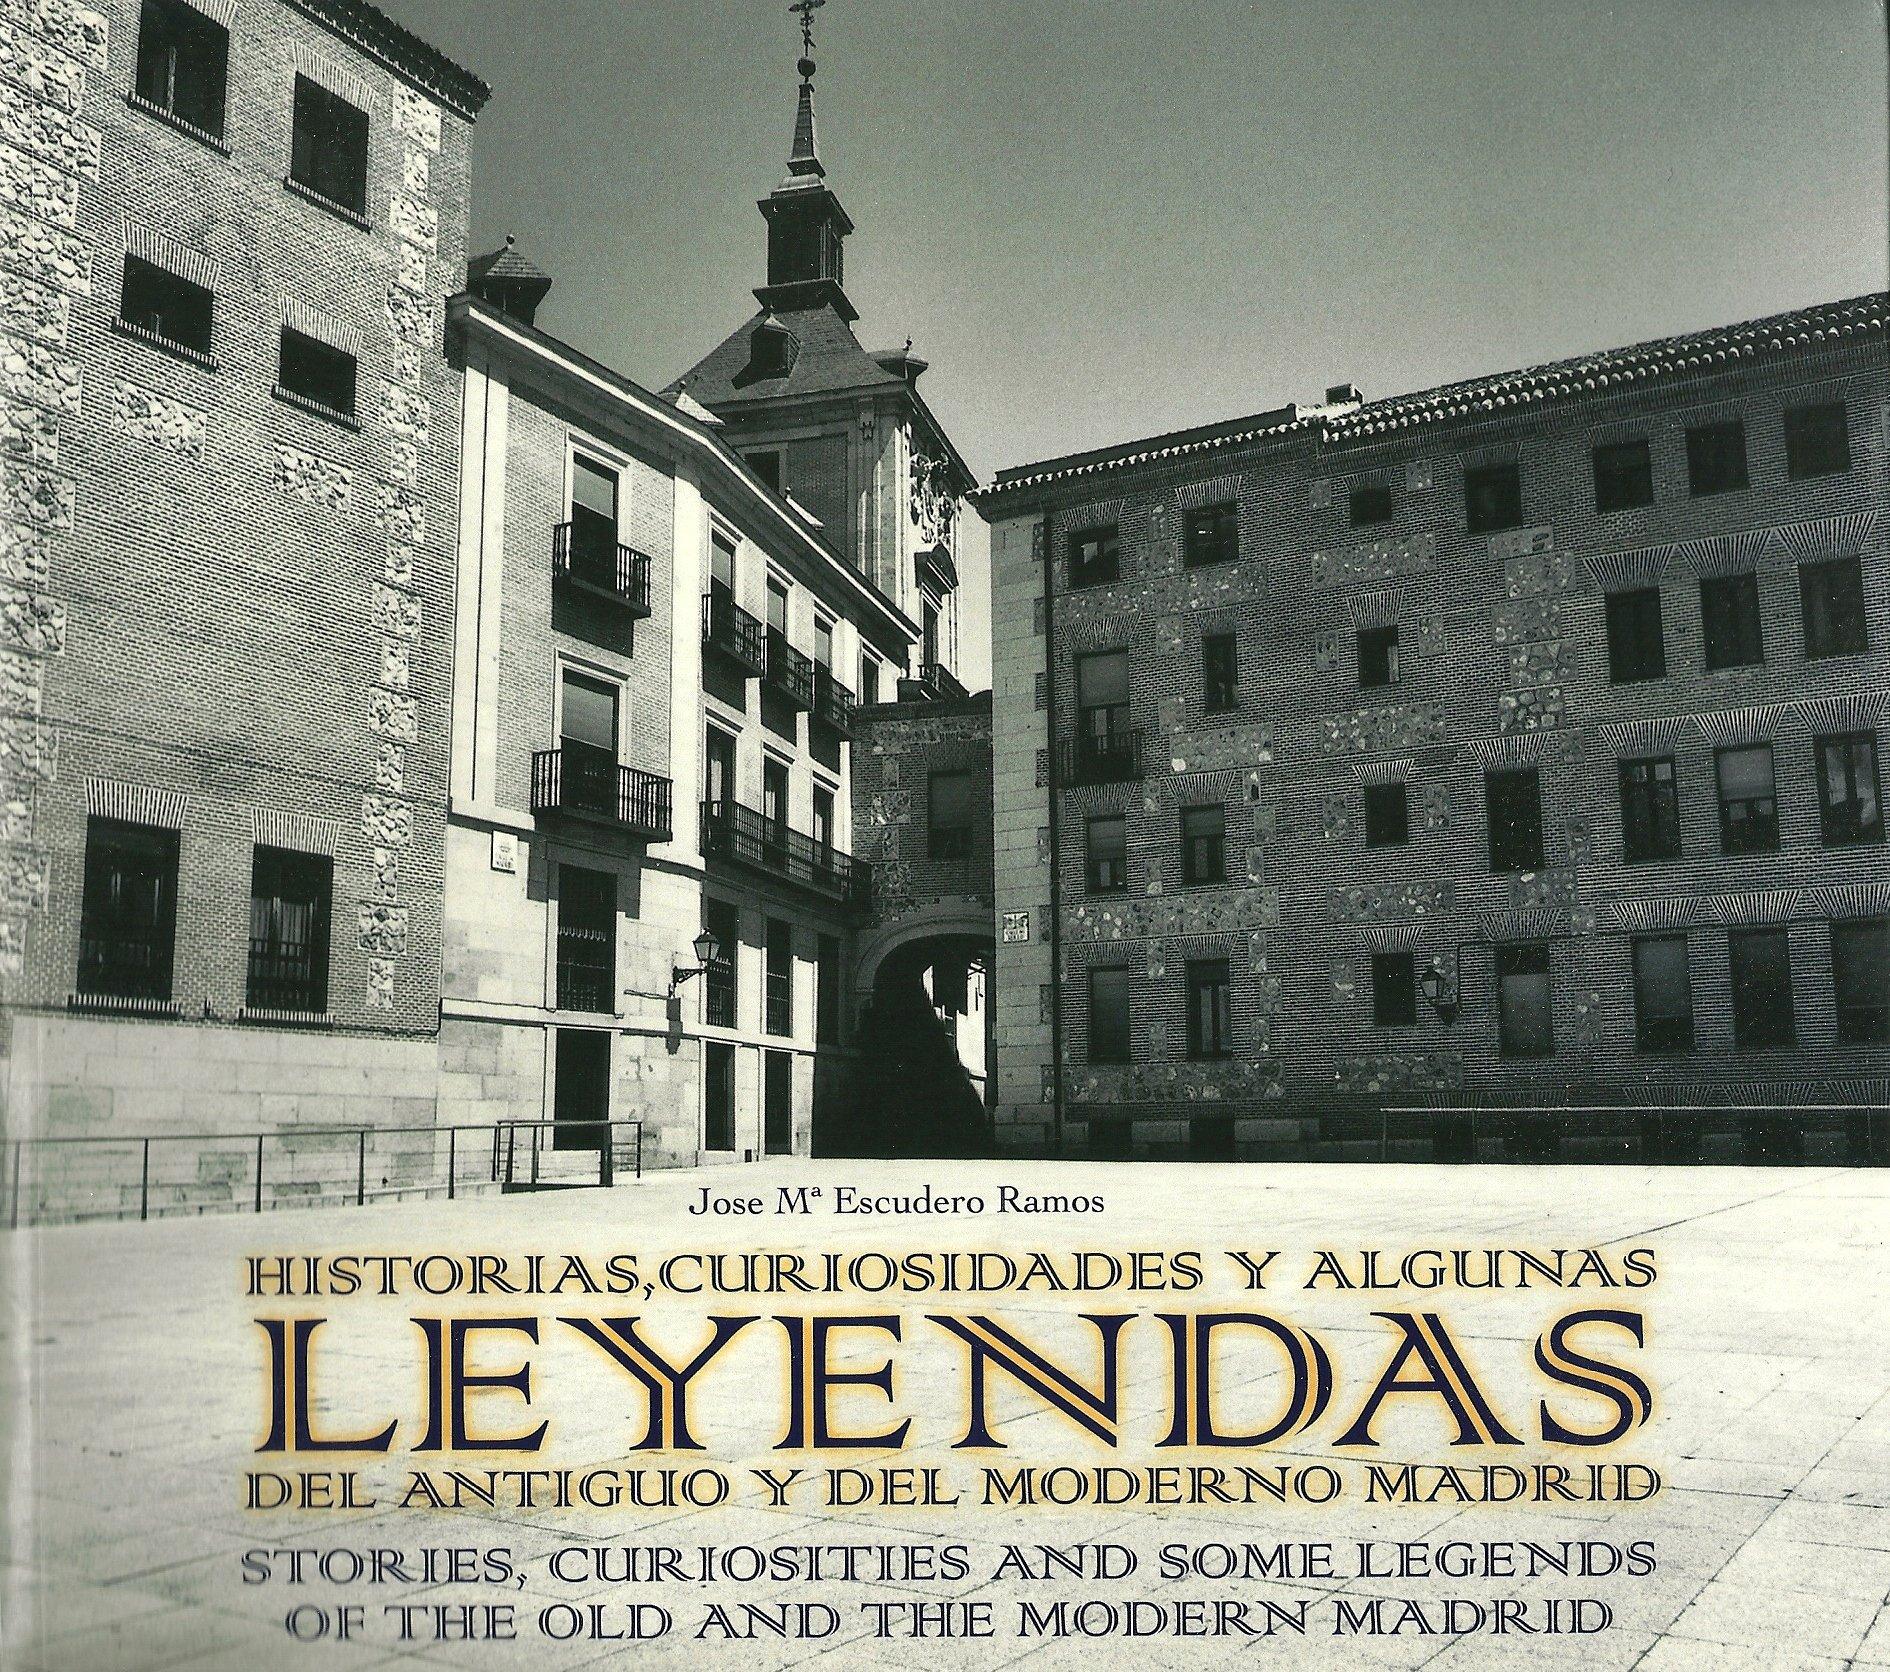 Recomendamos: Historias, curiosidades y leyendas del antiguo y del moderno Madrid